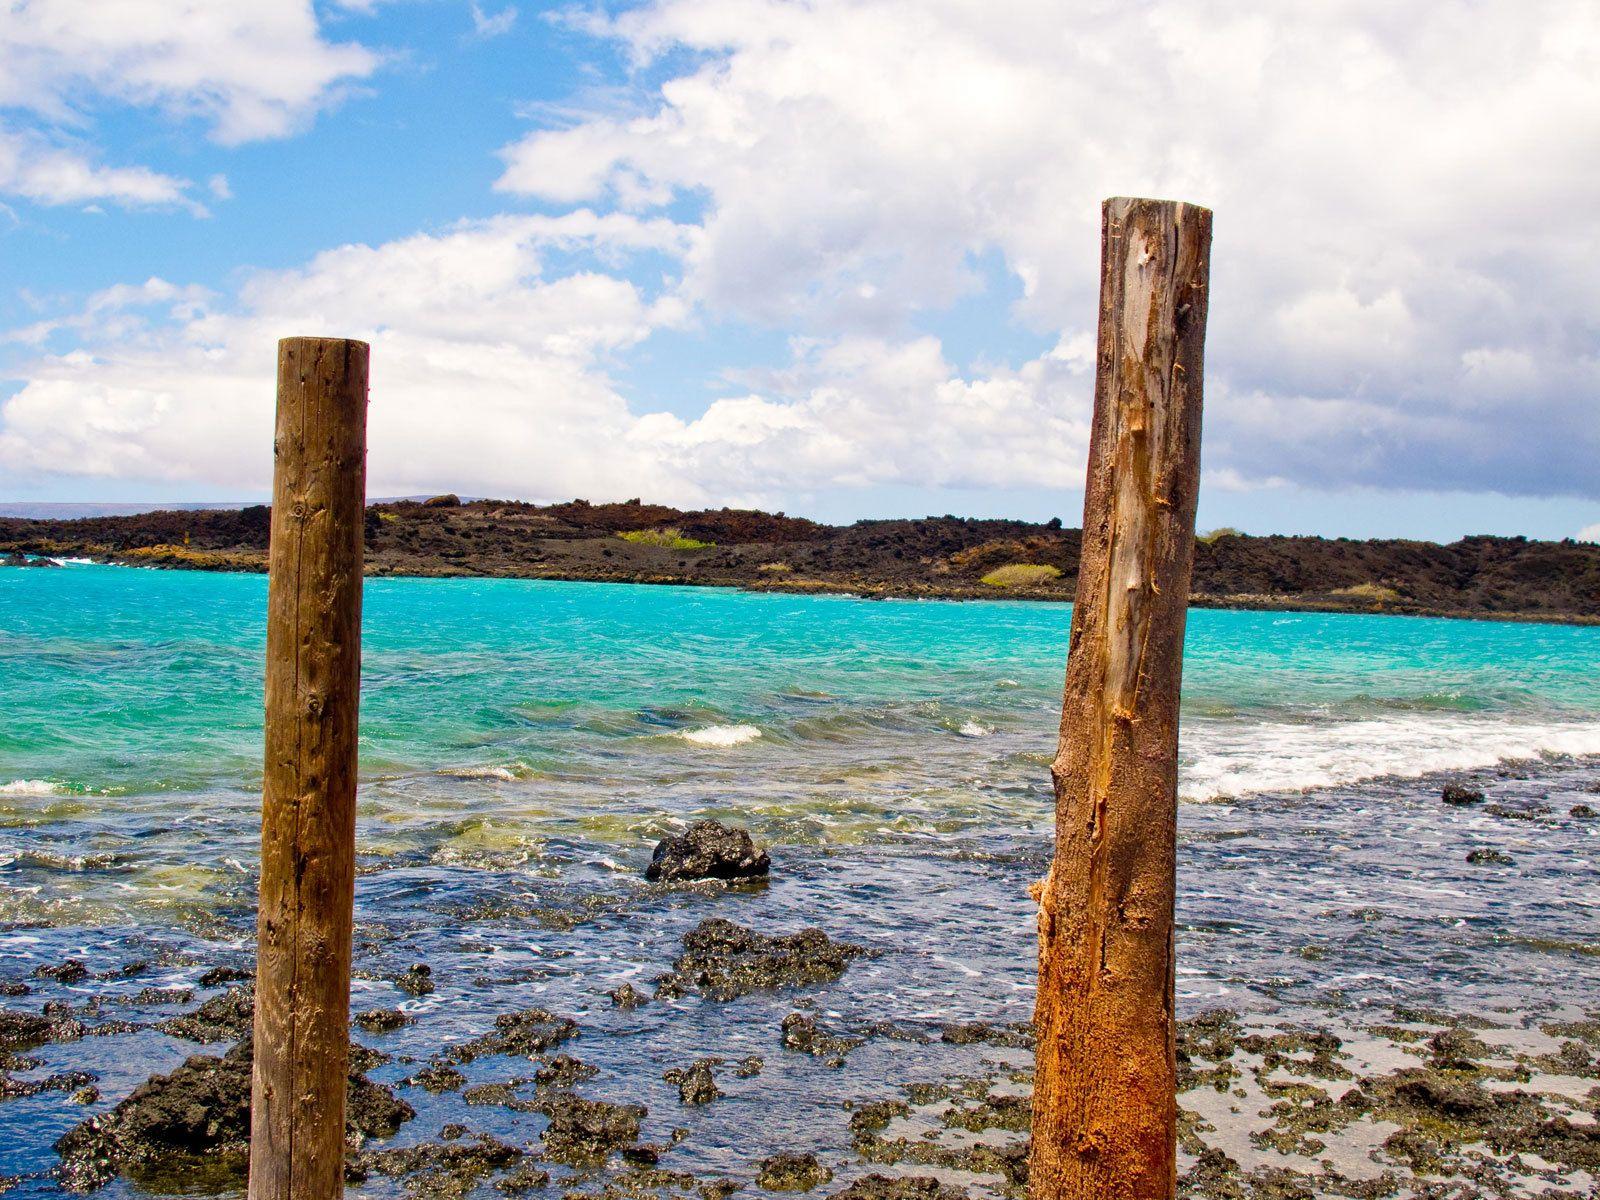 5_0_71_1img_3584_hawaiiunderwater_2010_007.jpg